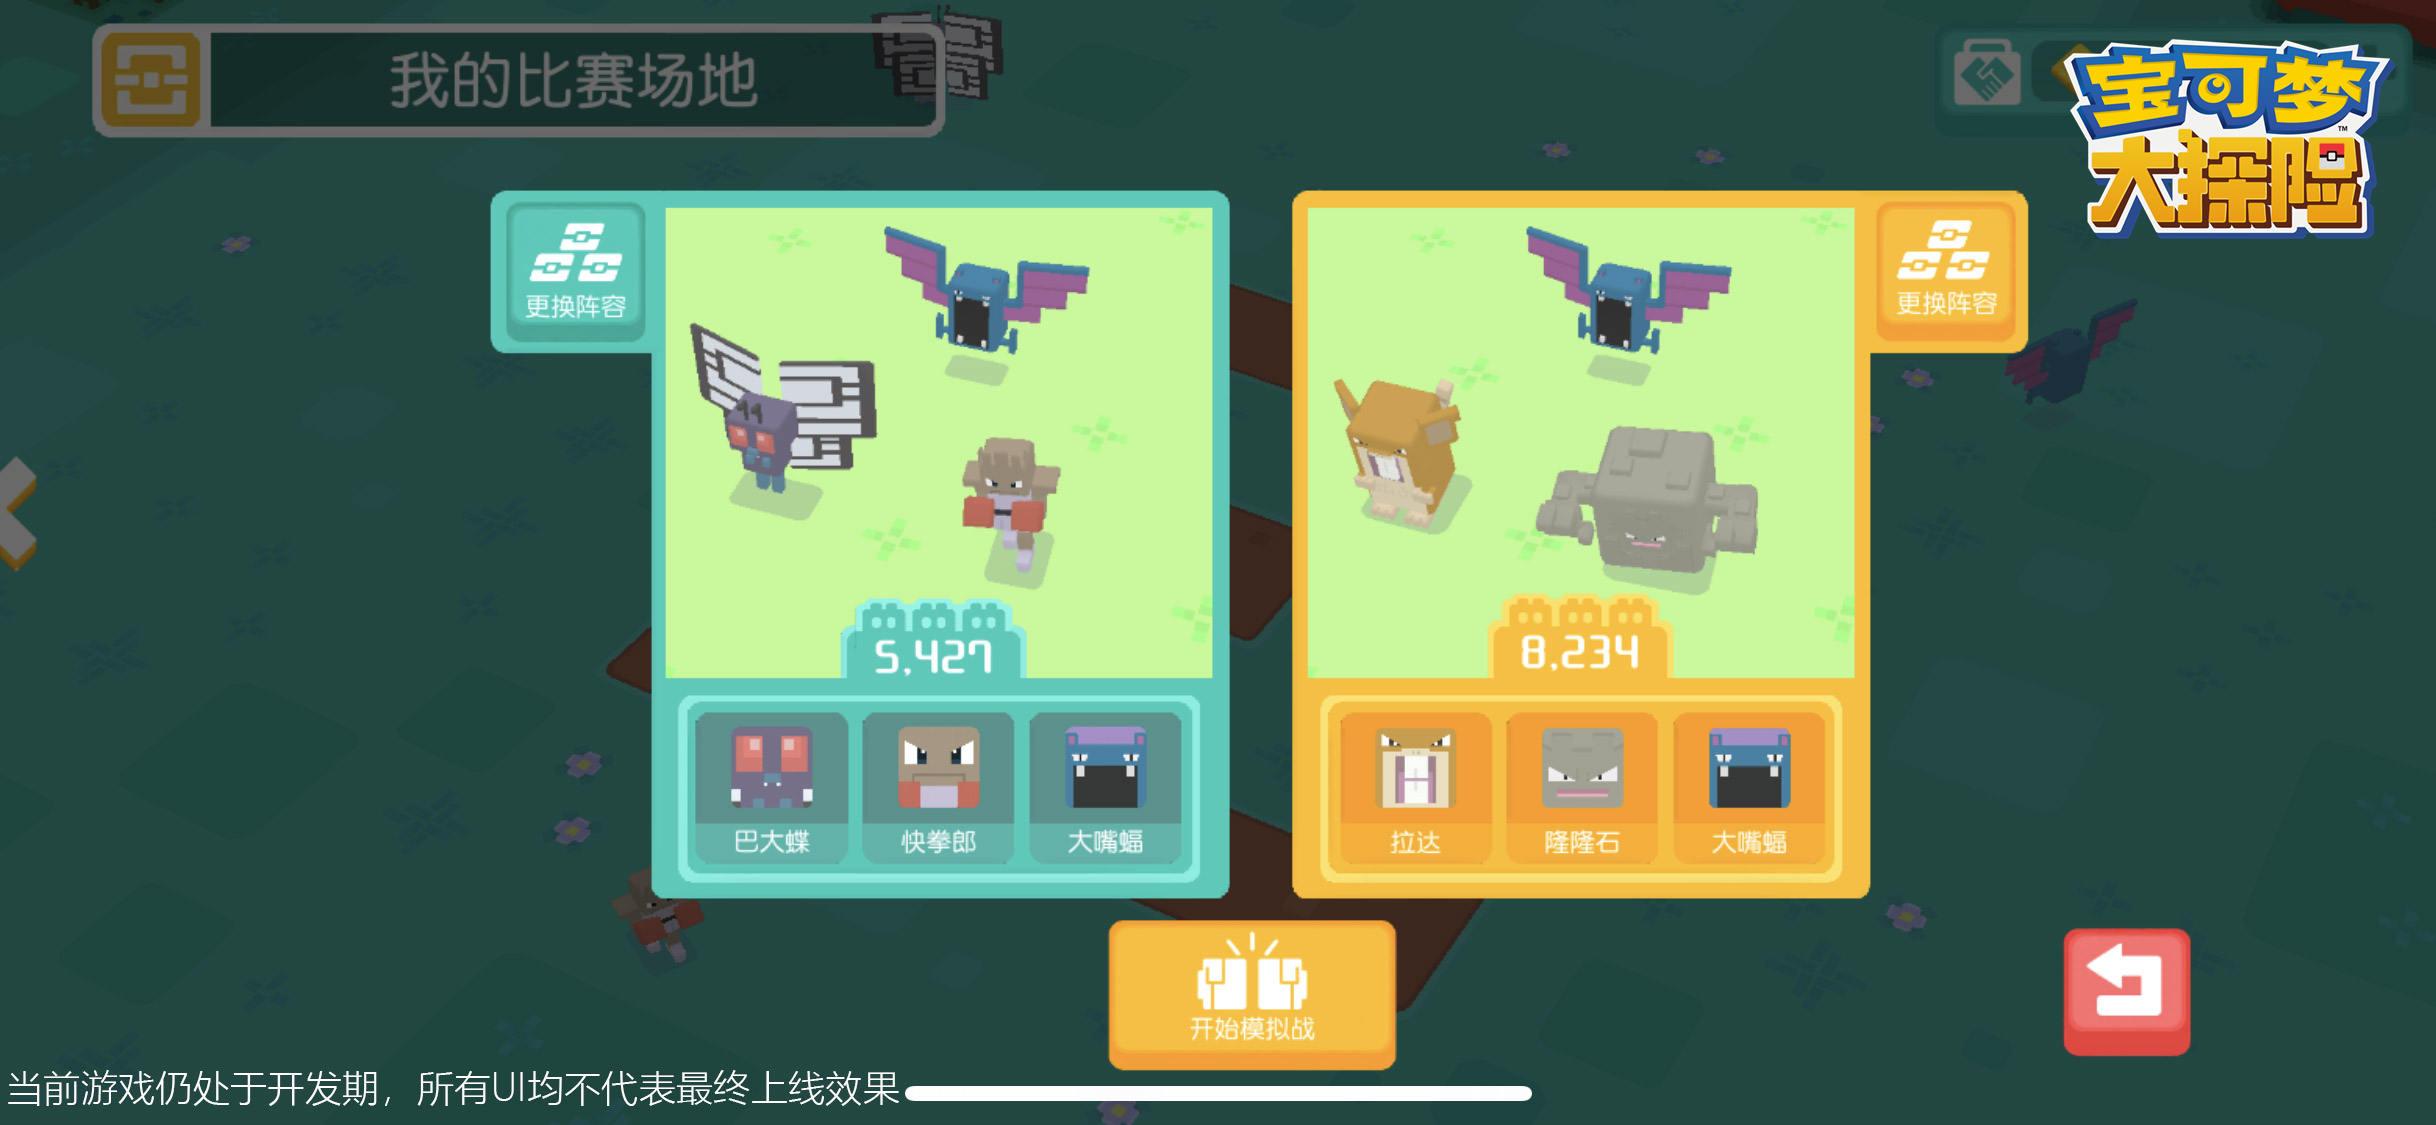 宝可梦大探险为中国玩家打造独占玩法:量身定制独占内容[视频][多图]图片3